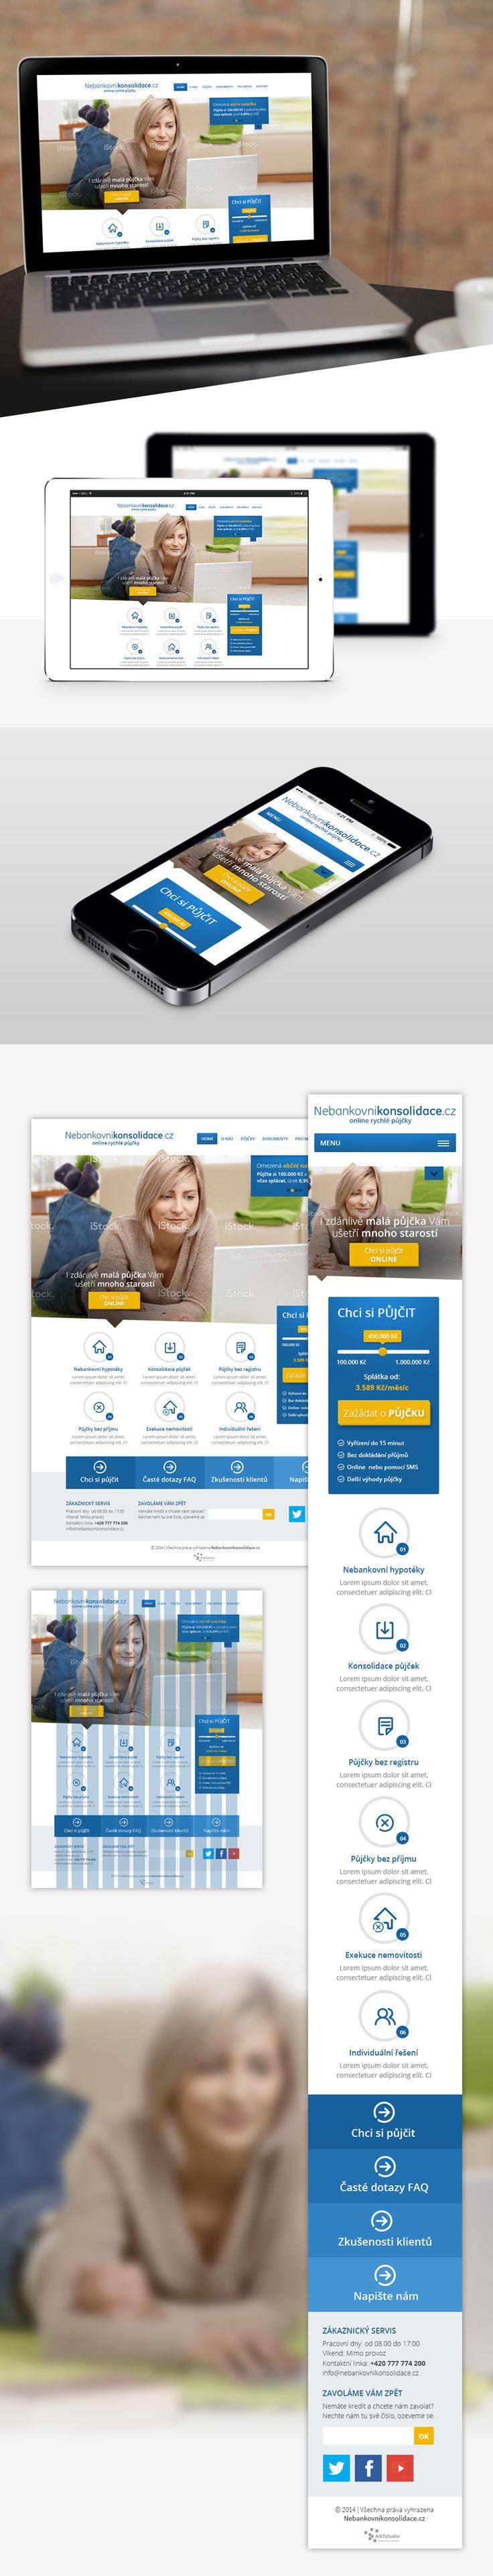 Představujeme další zajímavější projekt http://www.nebankovnikonsolidace.cz/. Web v responsivním designu, který je zaměřen na úvěry. Jak se Vám líbí? Objevíte ještě něco, co bychom mohli vylepšit?